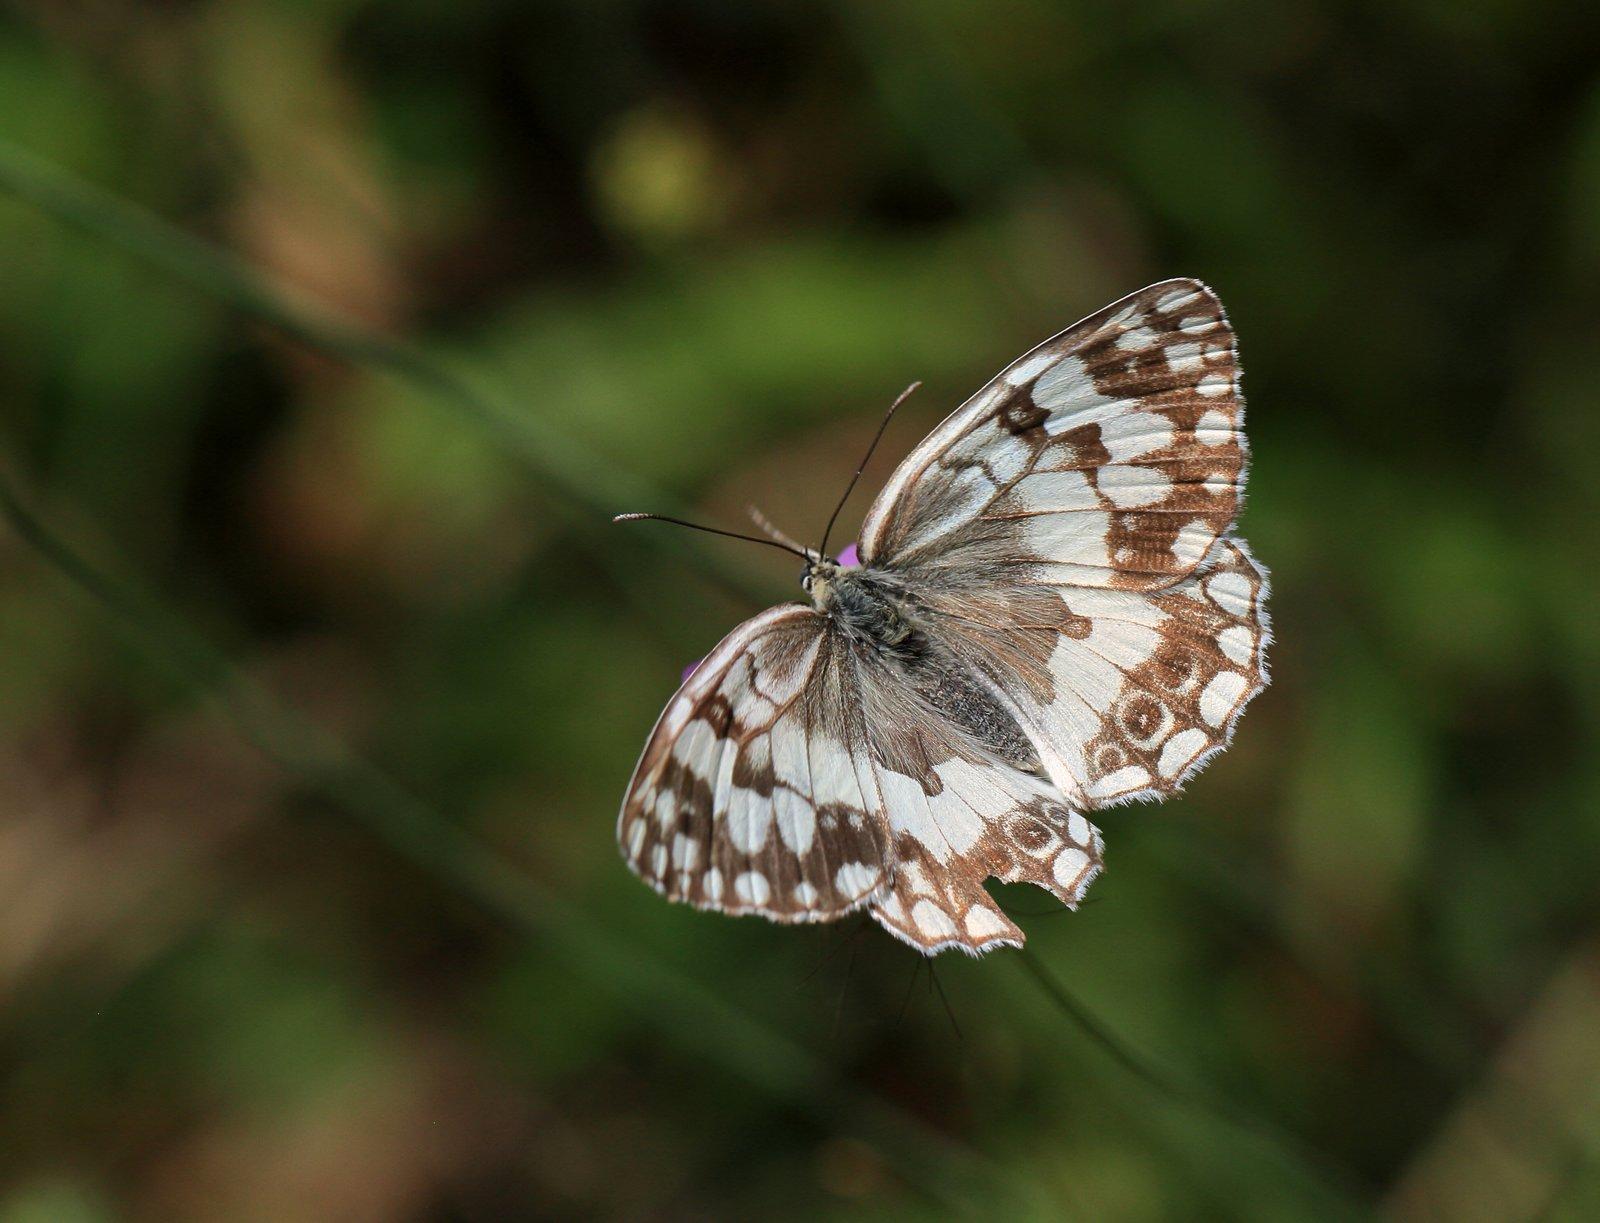 Balkan Skakbrætsommerfugl, Melanargia larissa